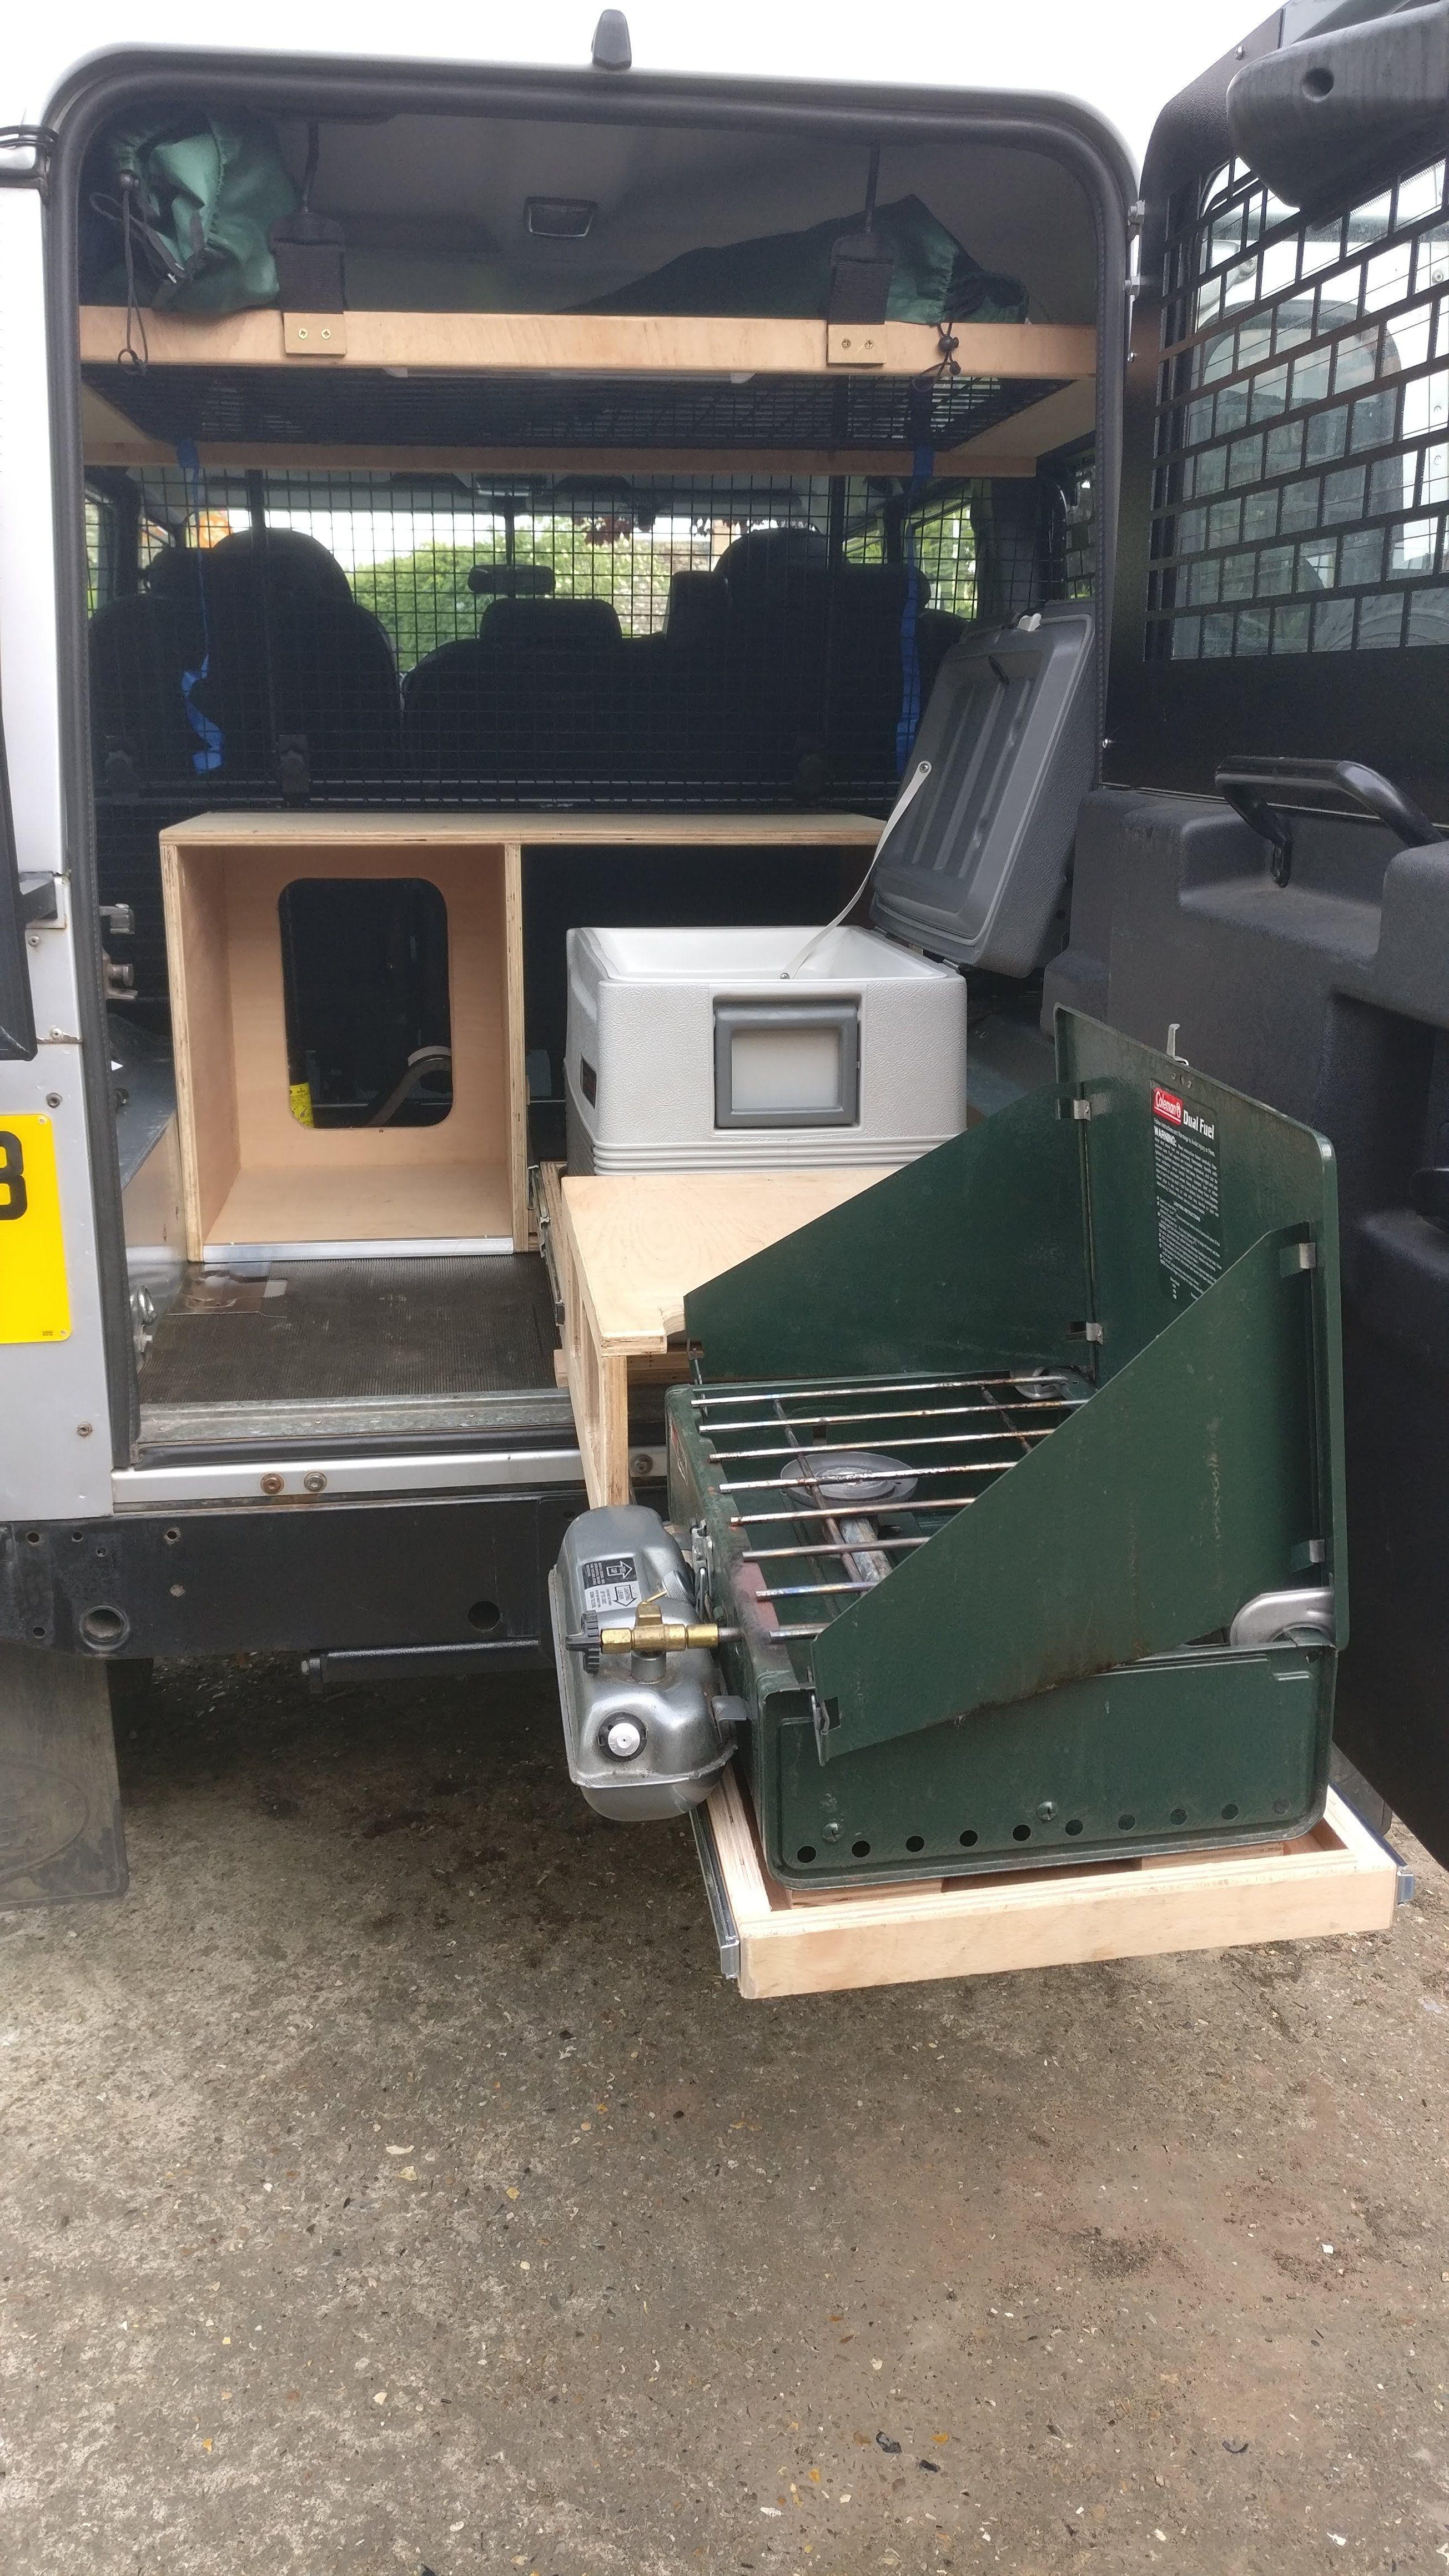 Land Rover Defender 110 custom kitchen slides Defender